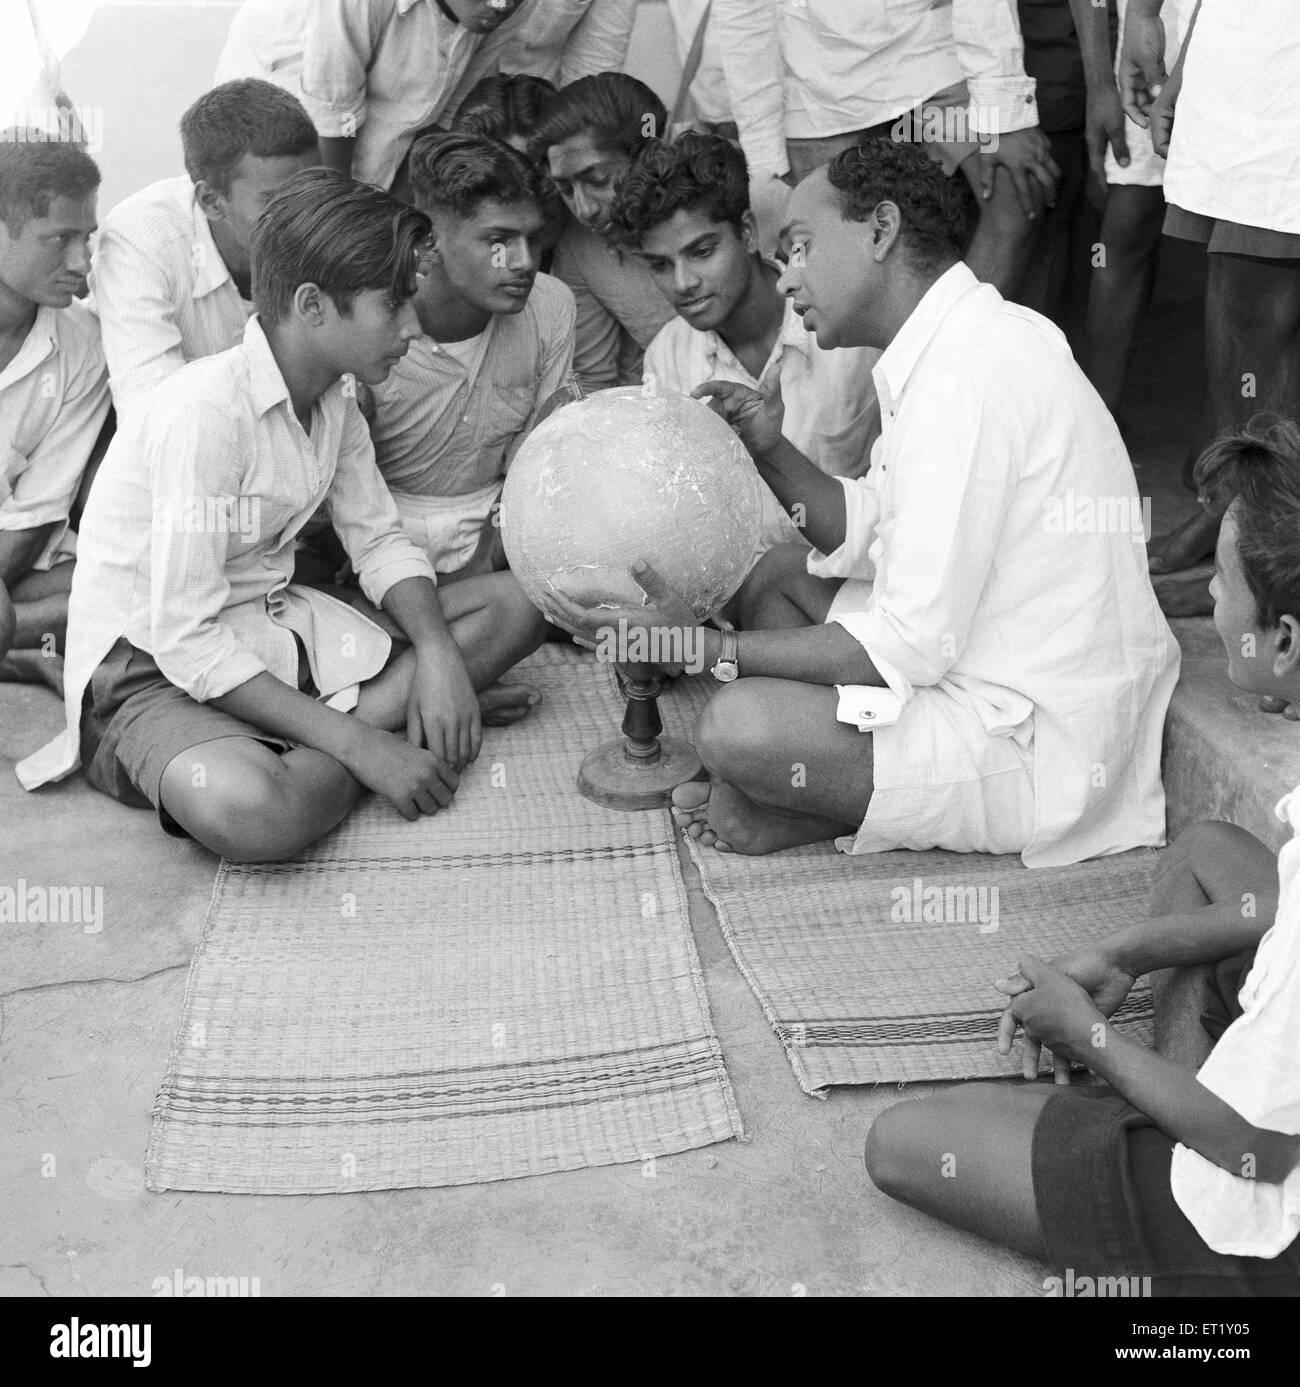 Clase de geografía ; VIDYAPITH es la formación de la juventud rural para vivir ; Nanjangud progresiva Imagen De Stock